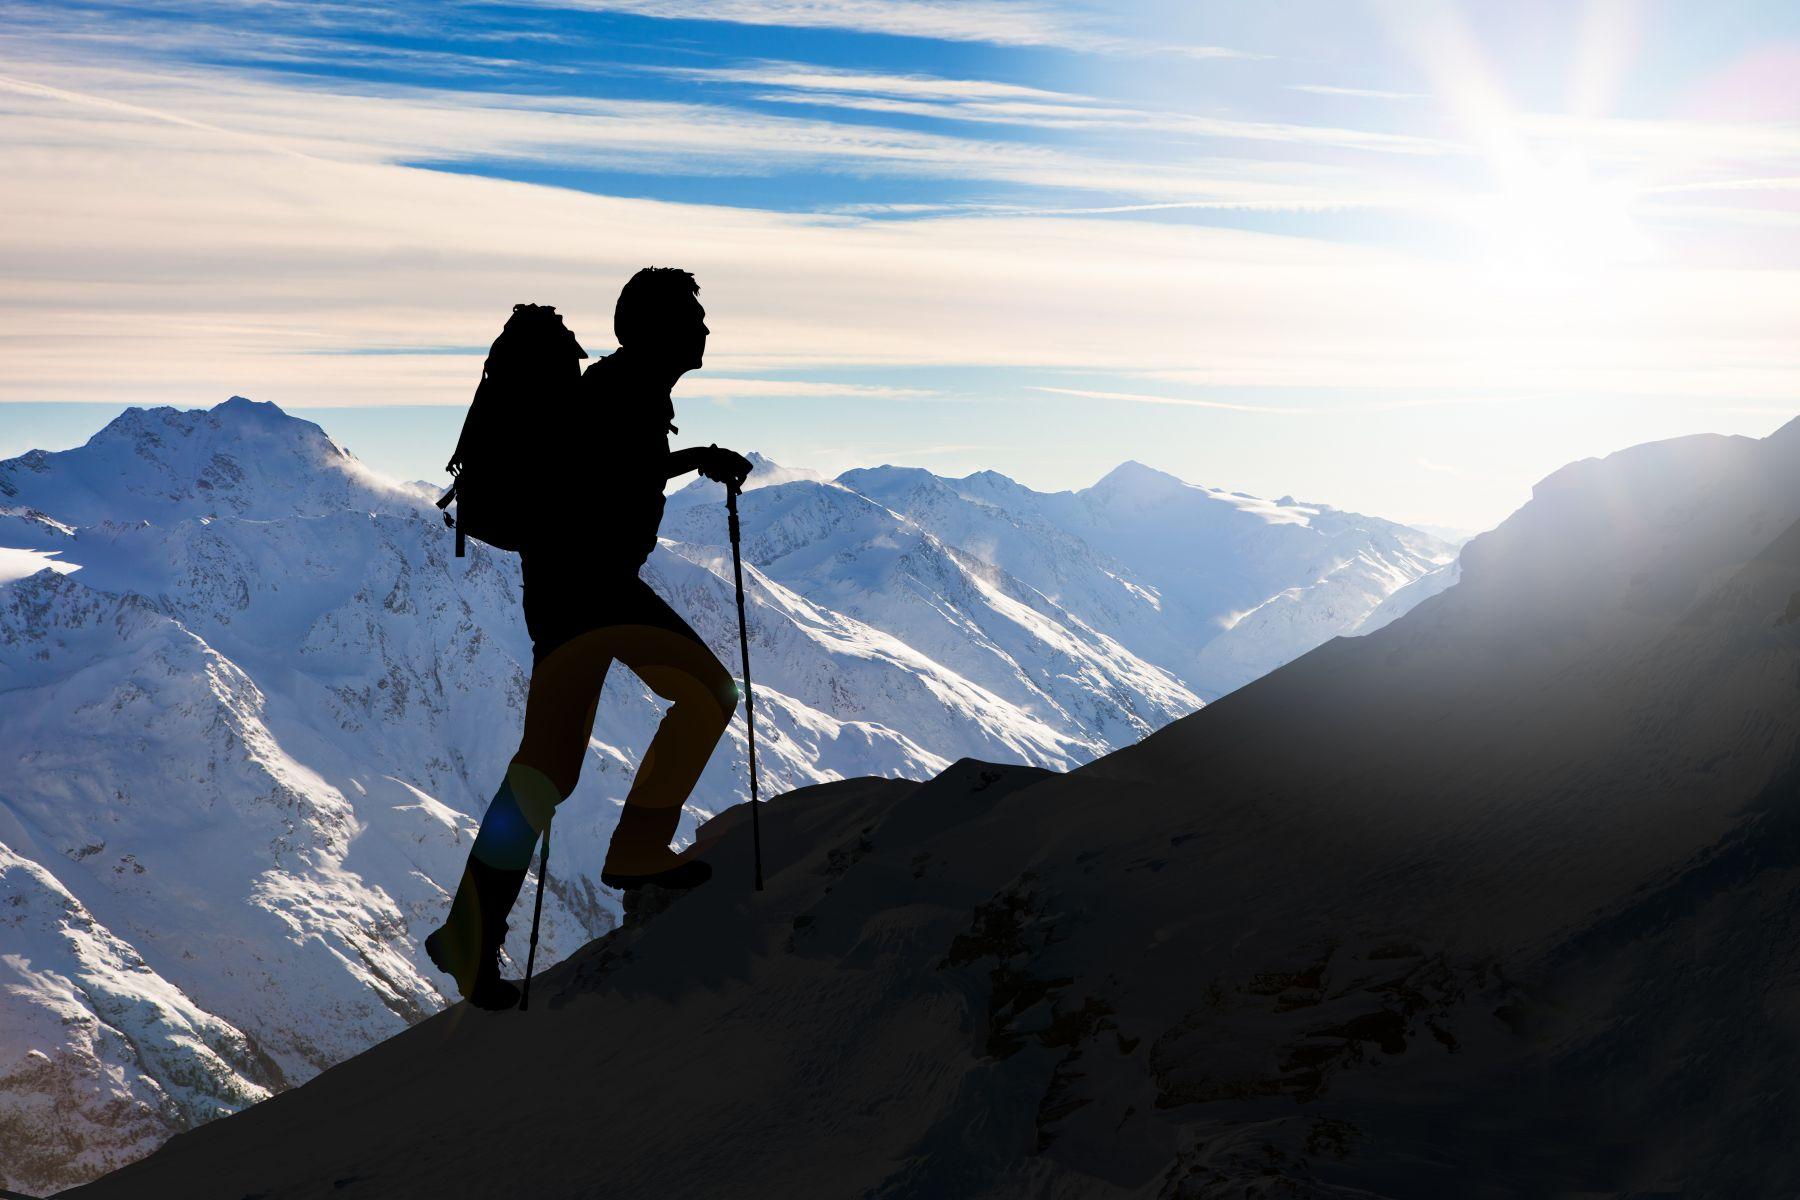 桂冠出版社負責人賴阿勝疑墜崖身亡》登山墜崖、迷路、抽筋時該怎麼辦?